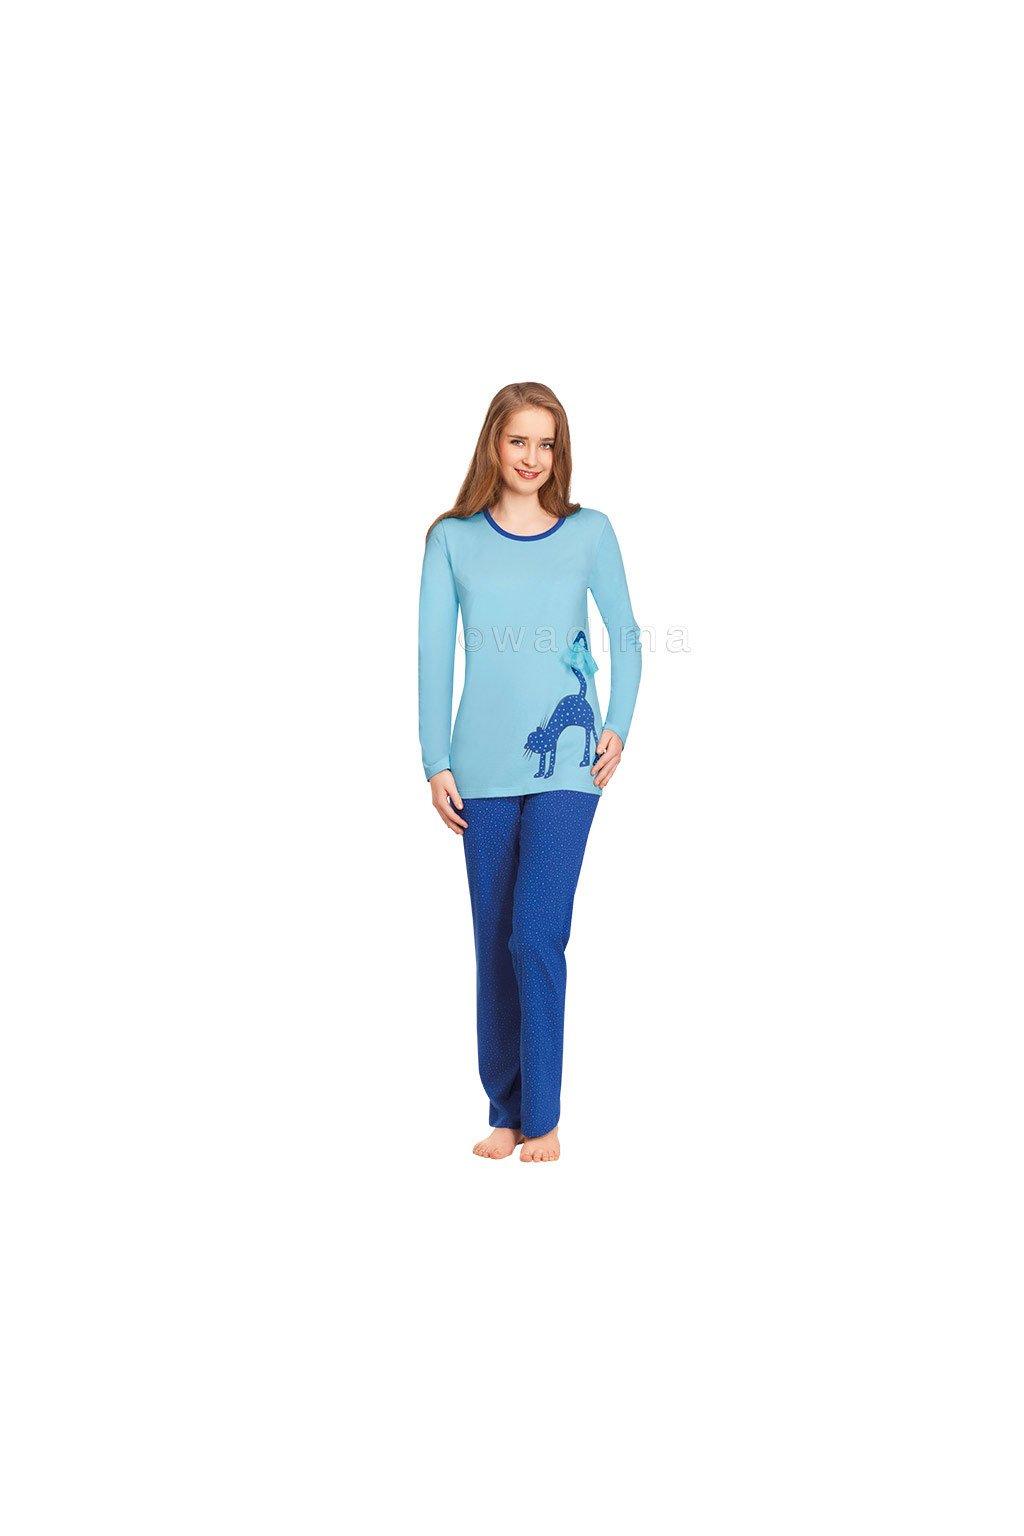 Dívčí pyžamo YOUNG FASHION s dlouhým rukávem, 70439 786, modrá